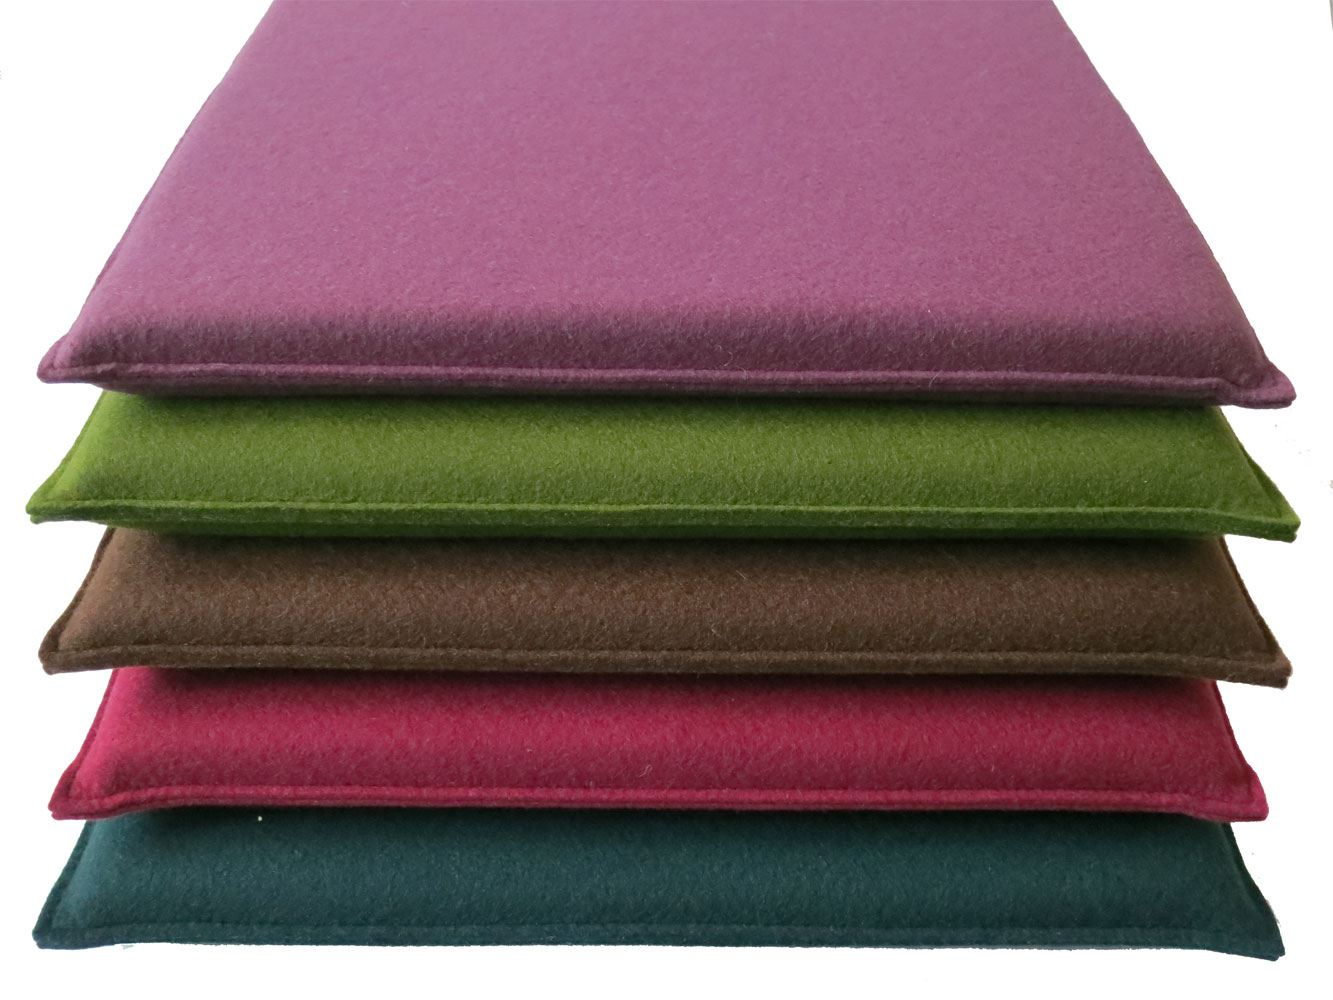 quadratische sitzkissen aus filz 40 x 40 cm in 44 vielen farben. Black Bedroom Furniture Sets. Home Design Ideas